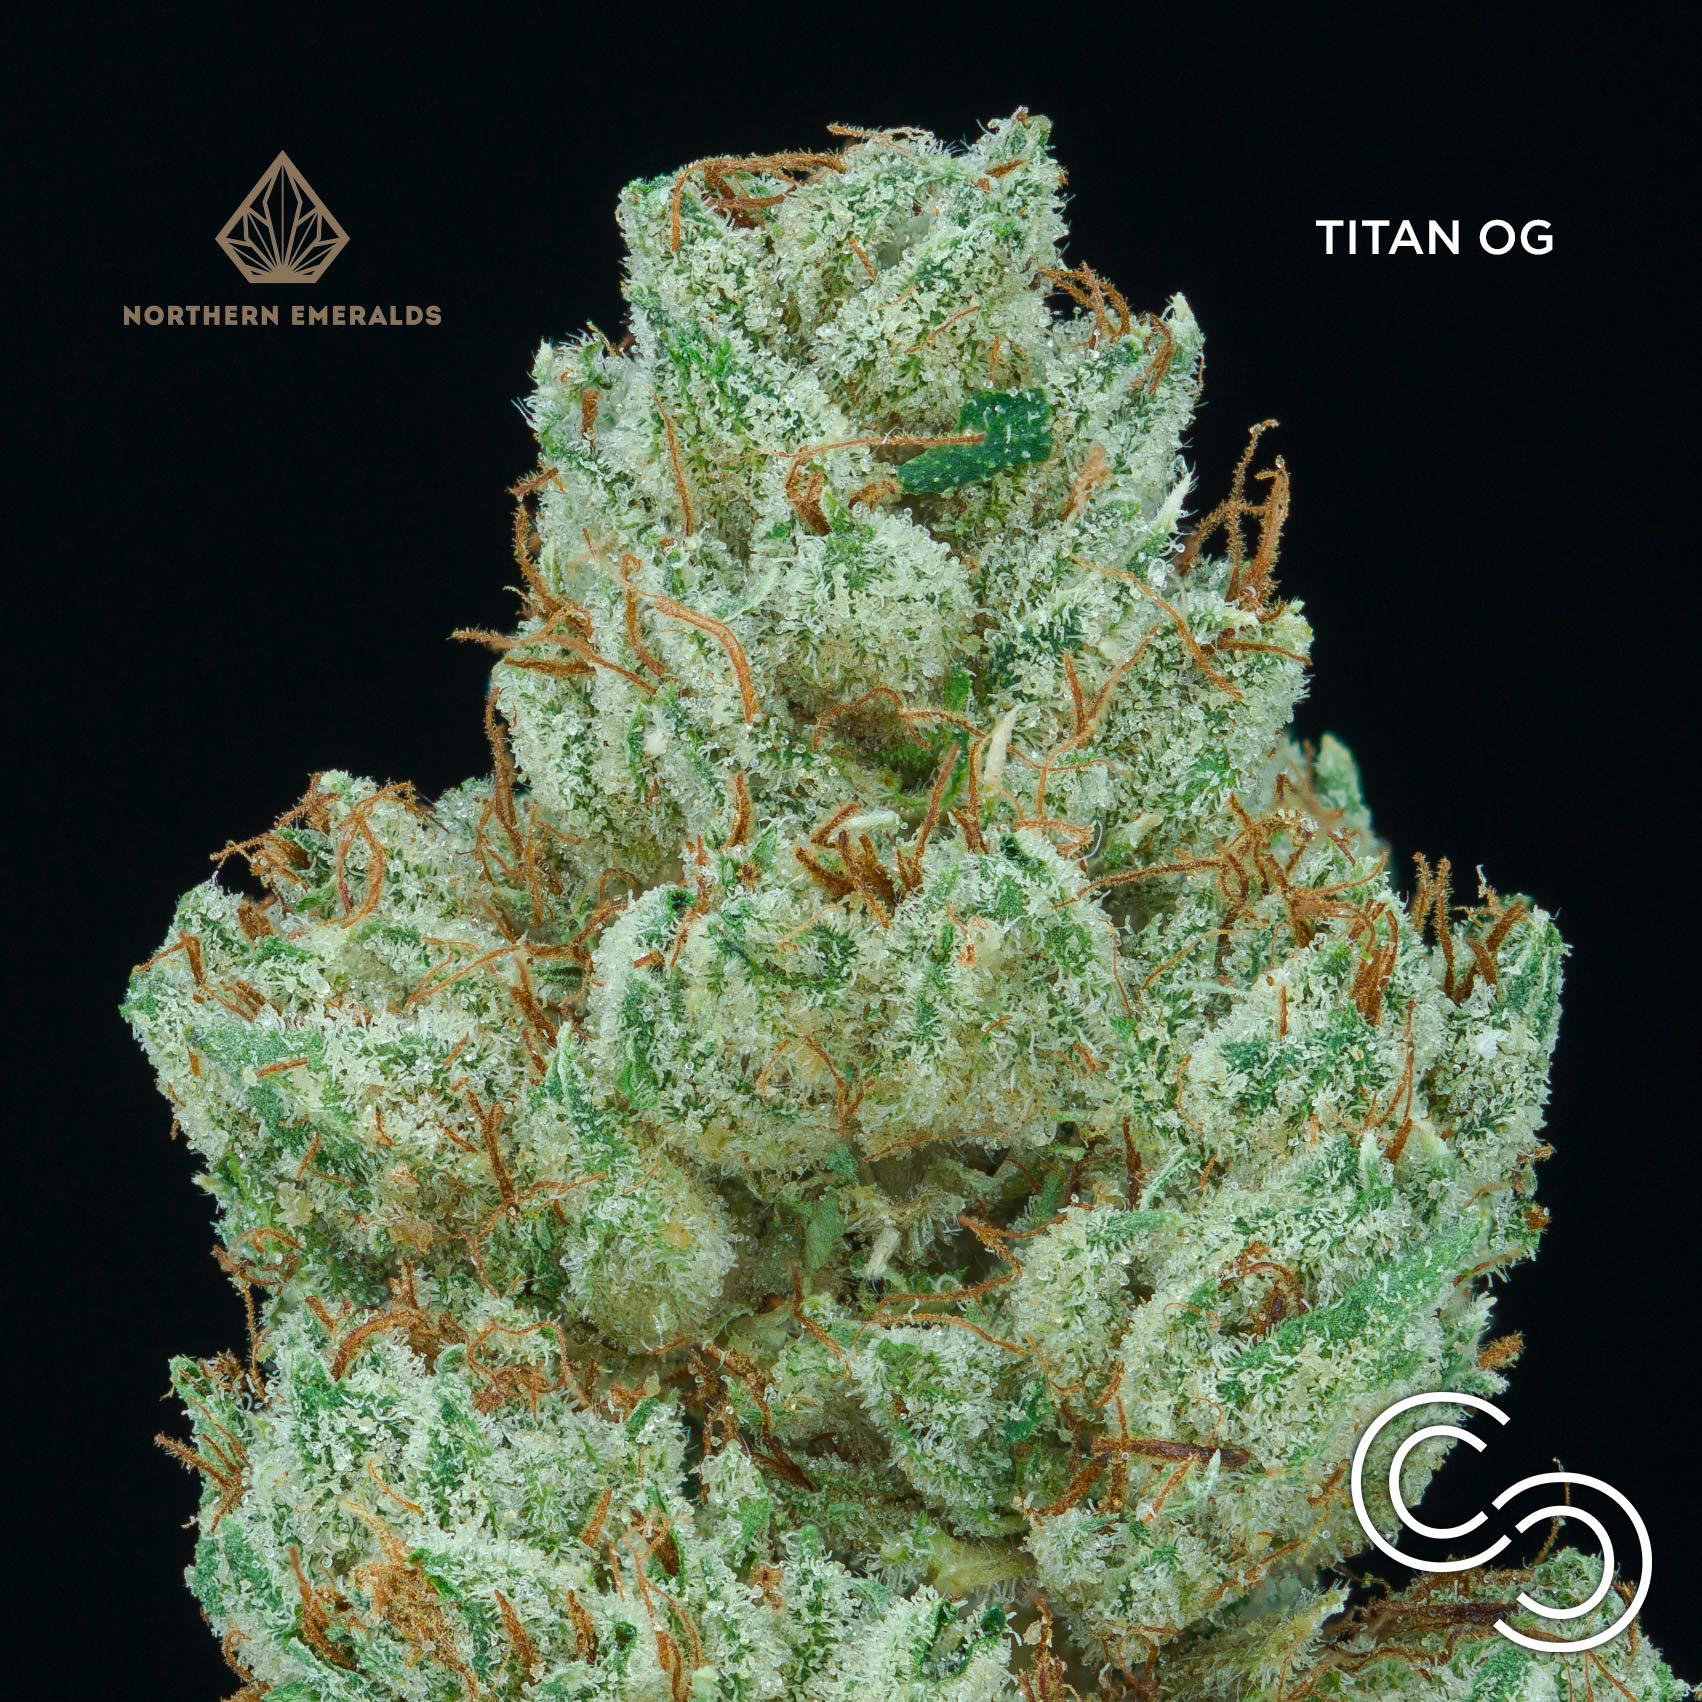 titanog-sg2.jpg